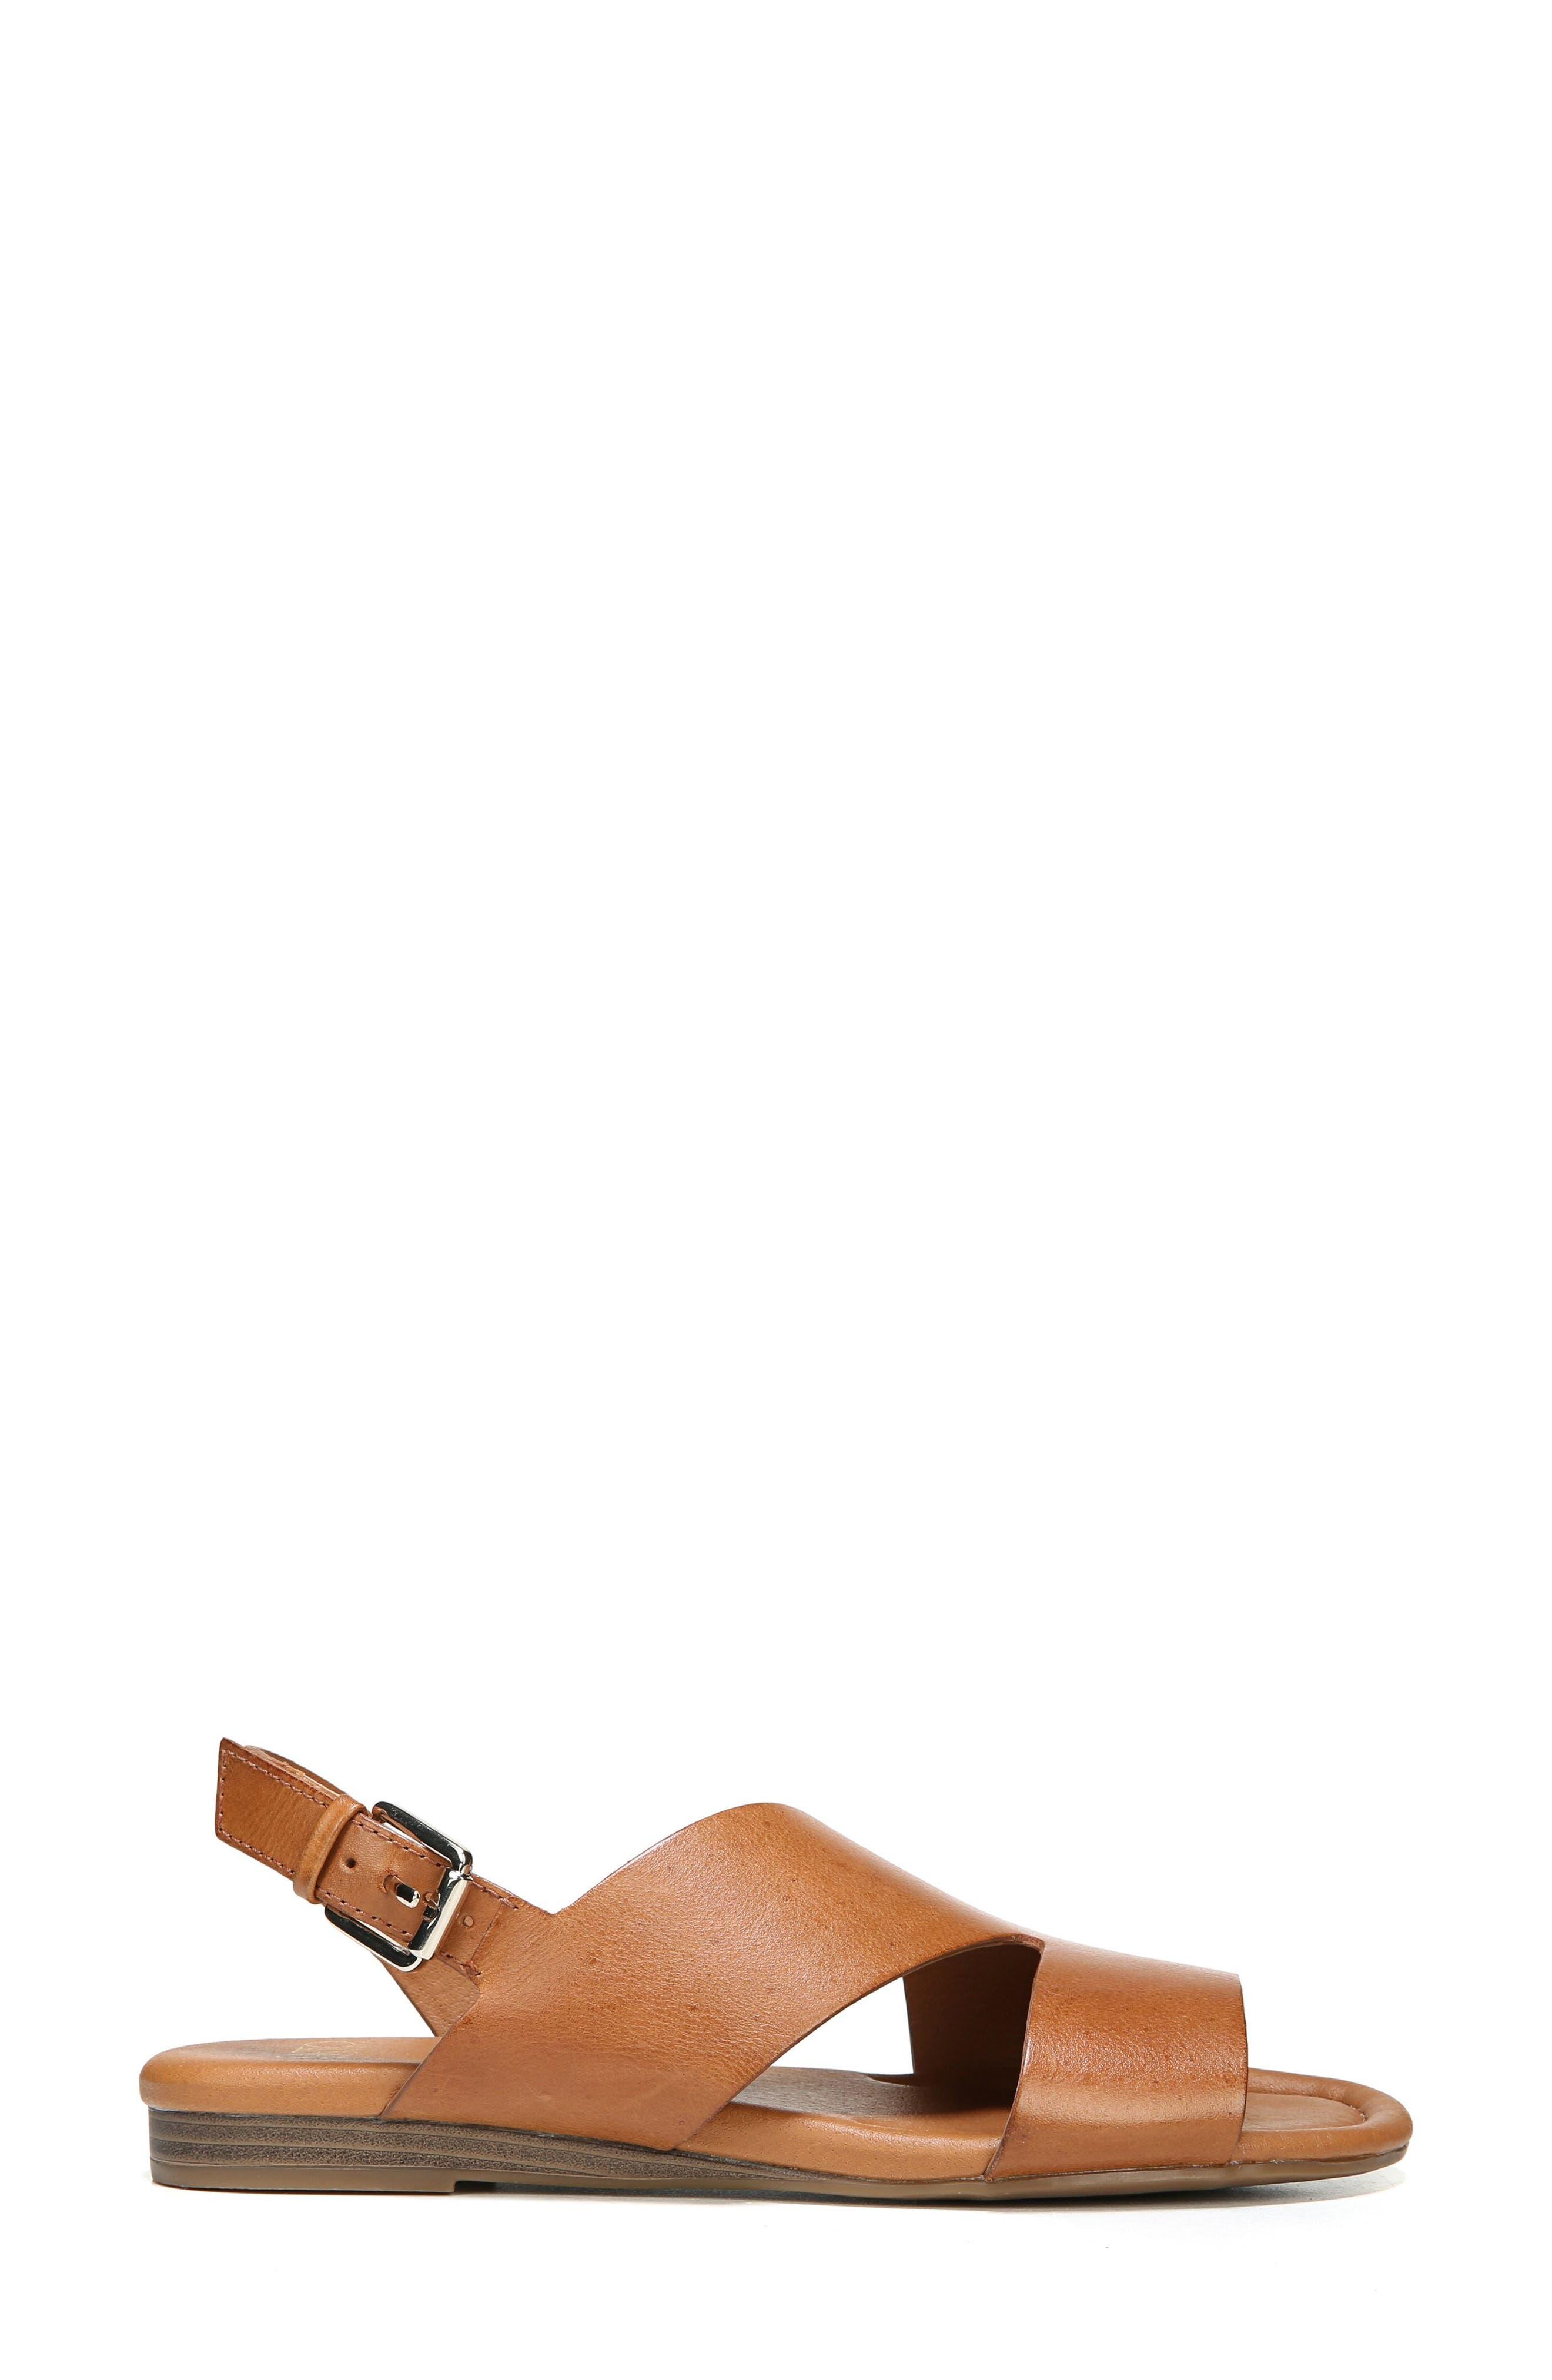 Garza Slingback Sandal,                             Alternate thumbnail 3, color,                             Tan Leather